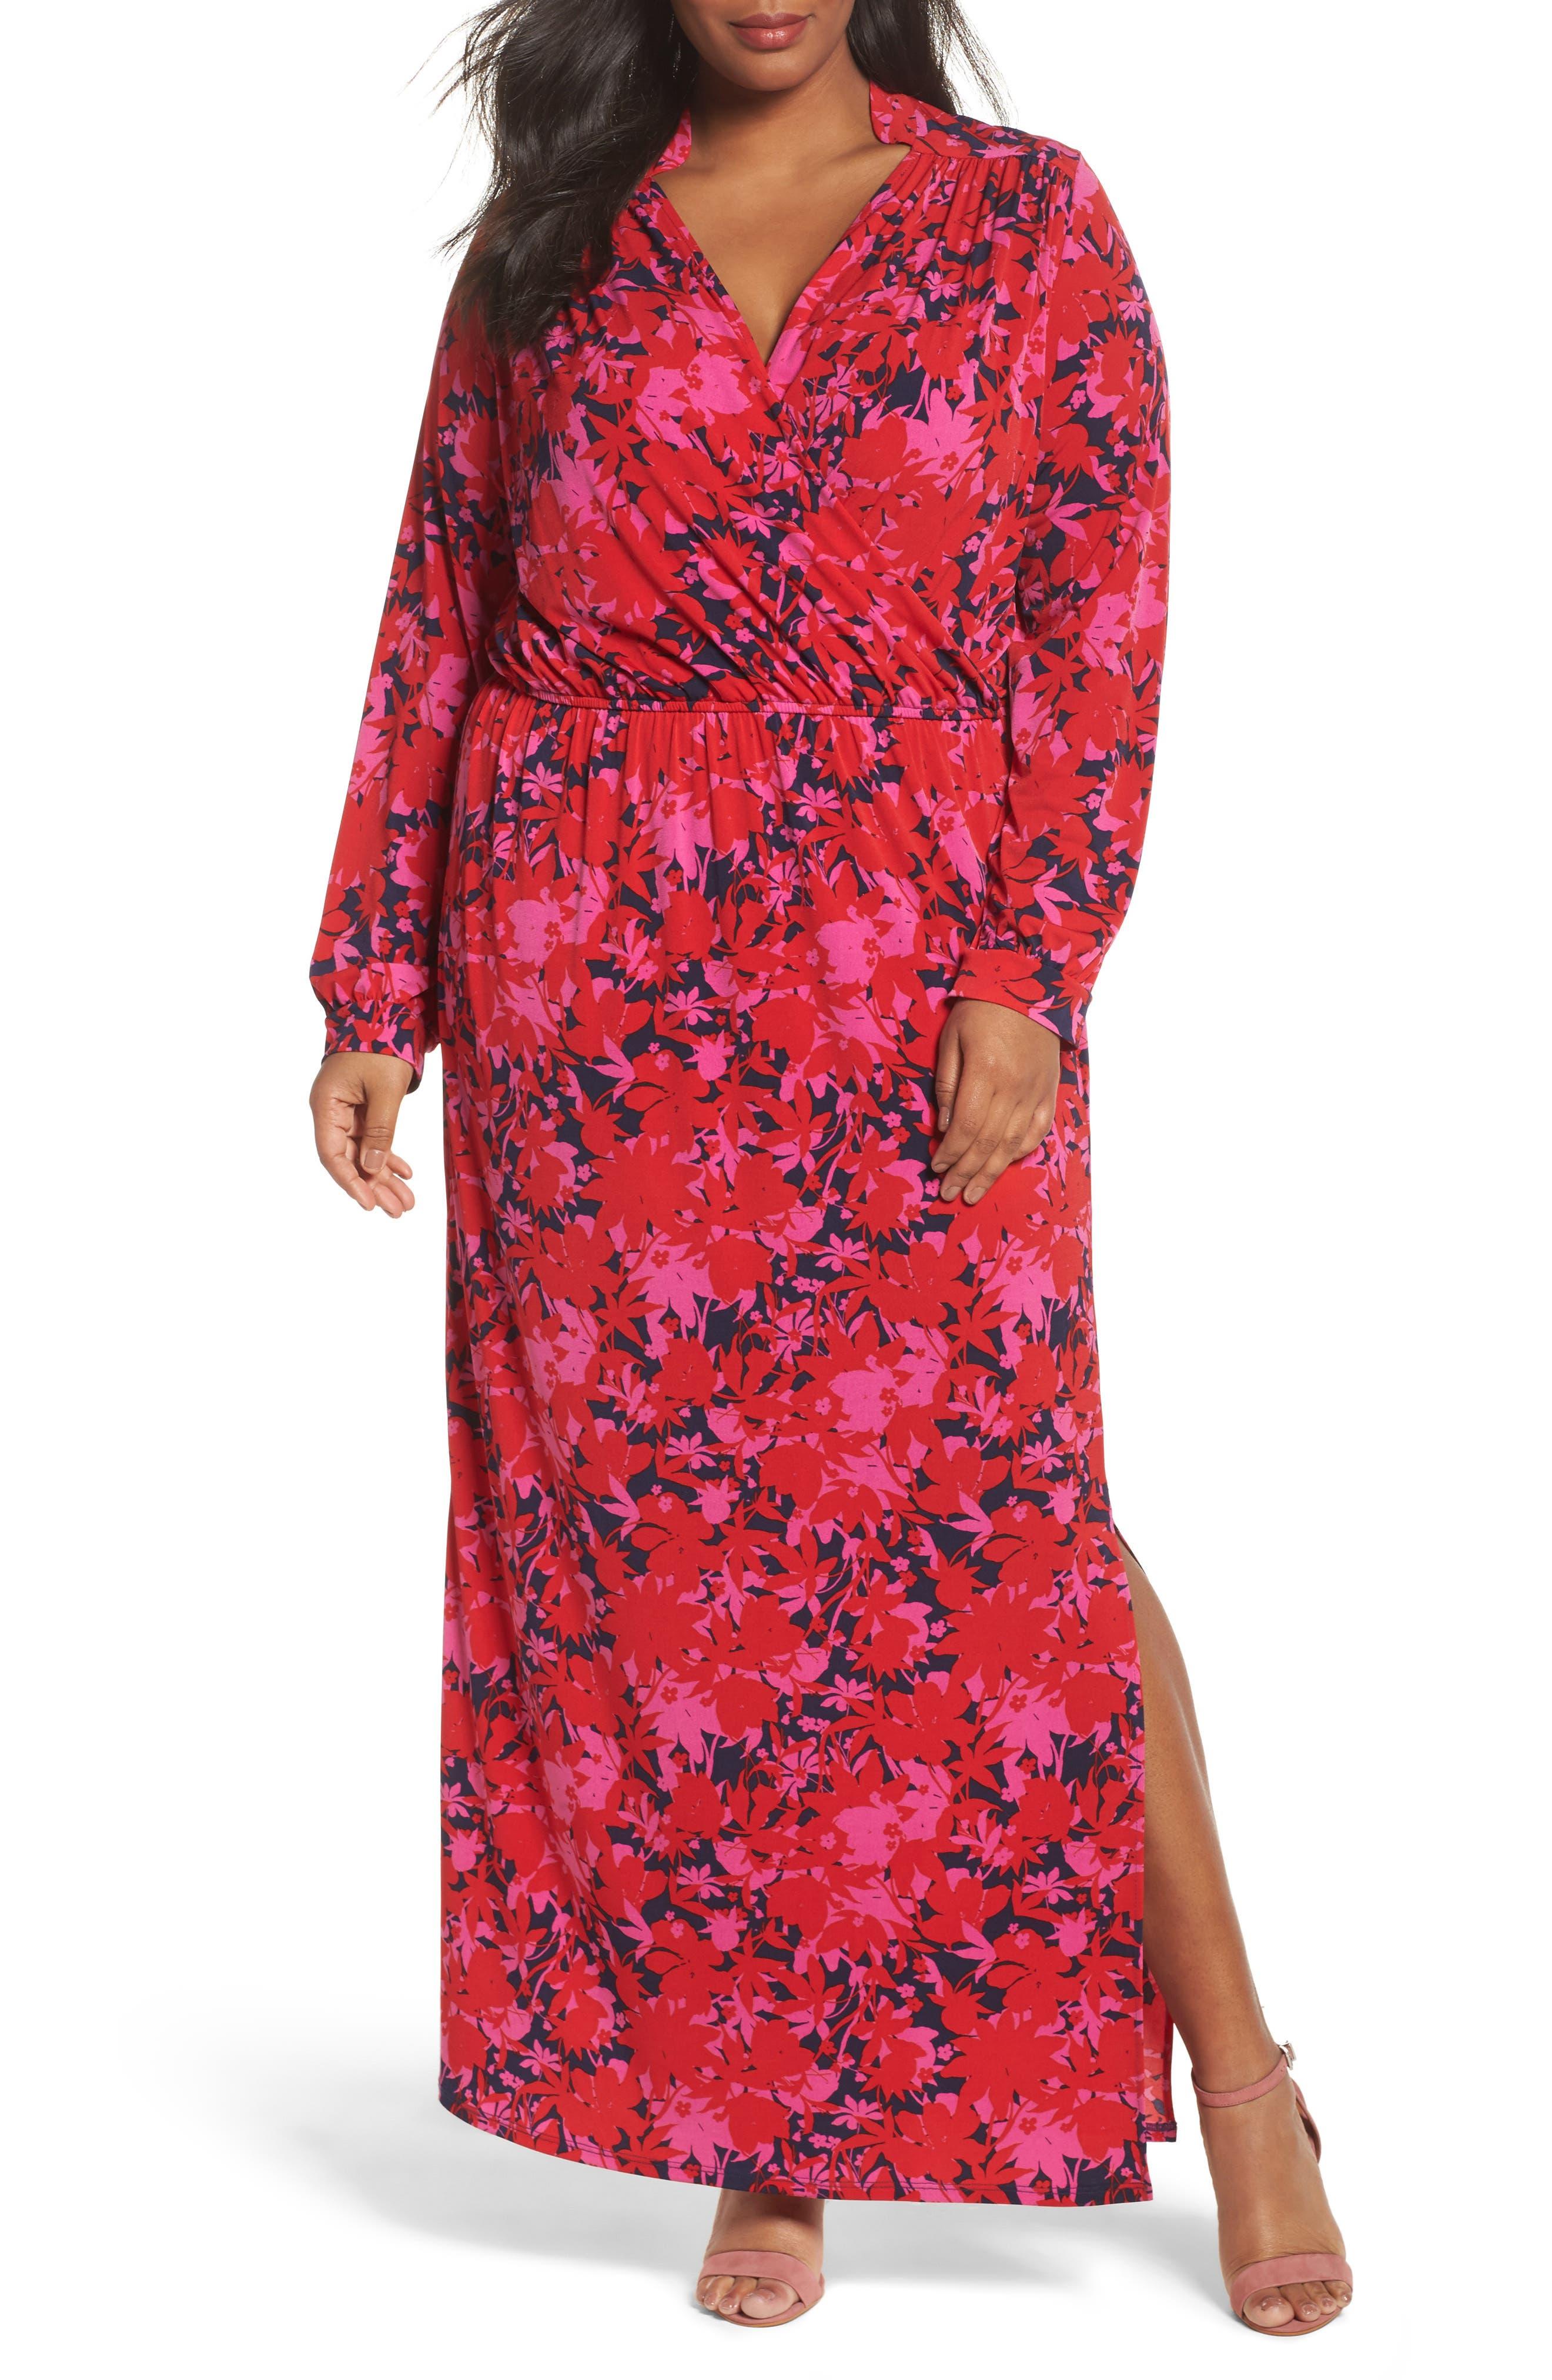 Alternate Image 1 Selected - Leota Bridget Floral Faux Wrap Maxi Dress (Plus Size)